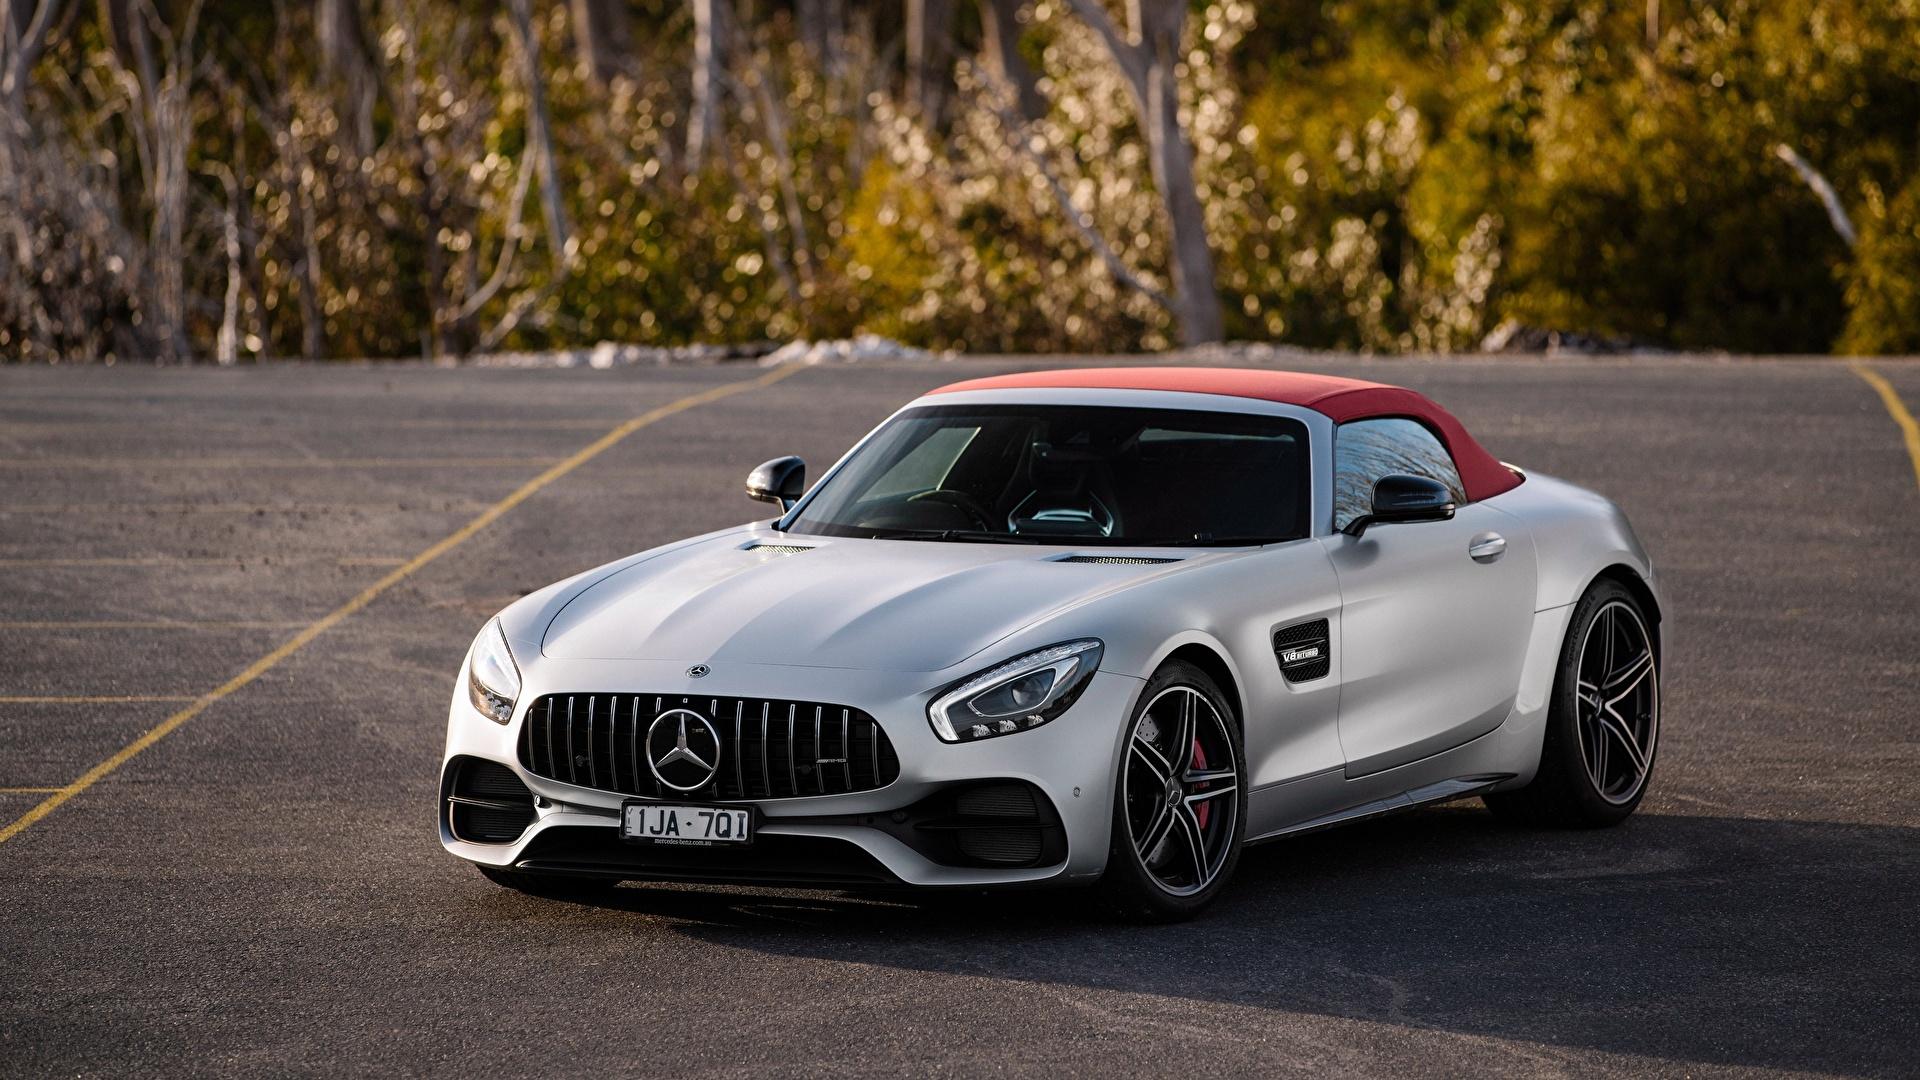 Фотографии Mercedes-Benz AMG 2018 GT C Родстер серебристая Автомобили 1920x1080 Мерседес бенц серебряный серебряная Серебристый авто машина машины автомобиль